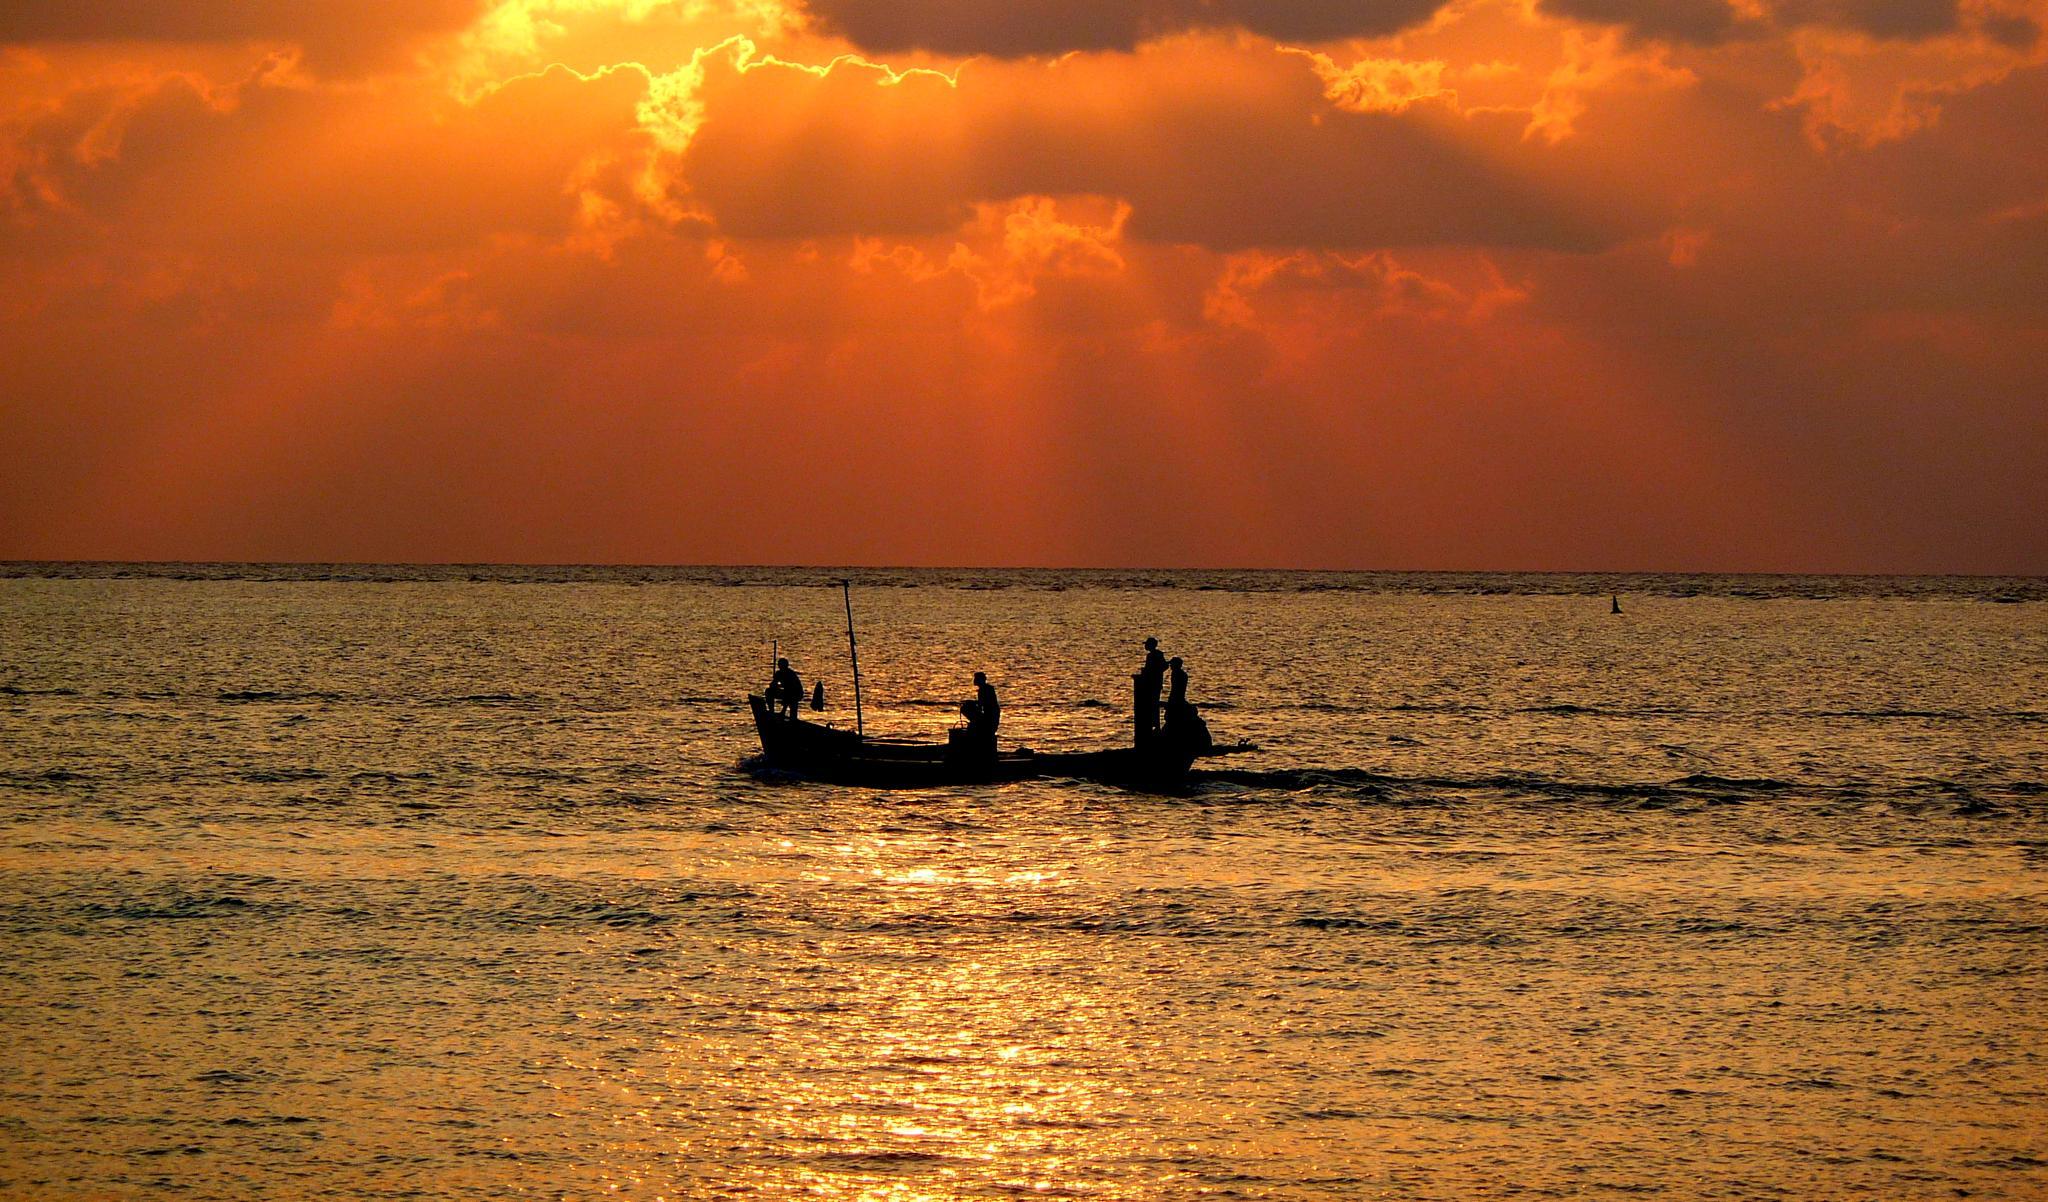 warm sunset  by samirsarkar